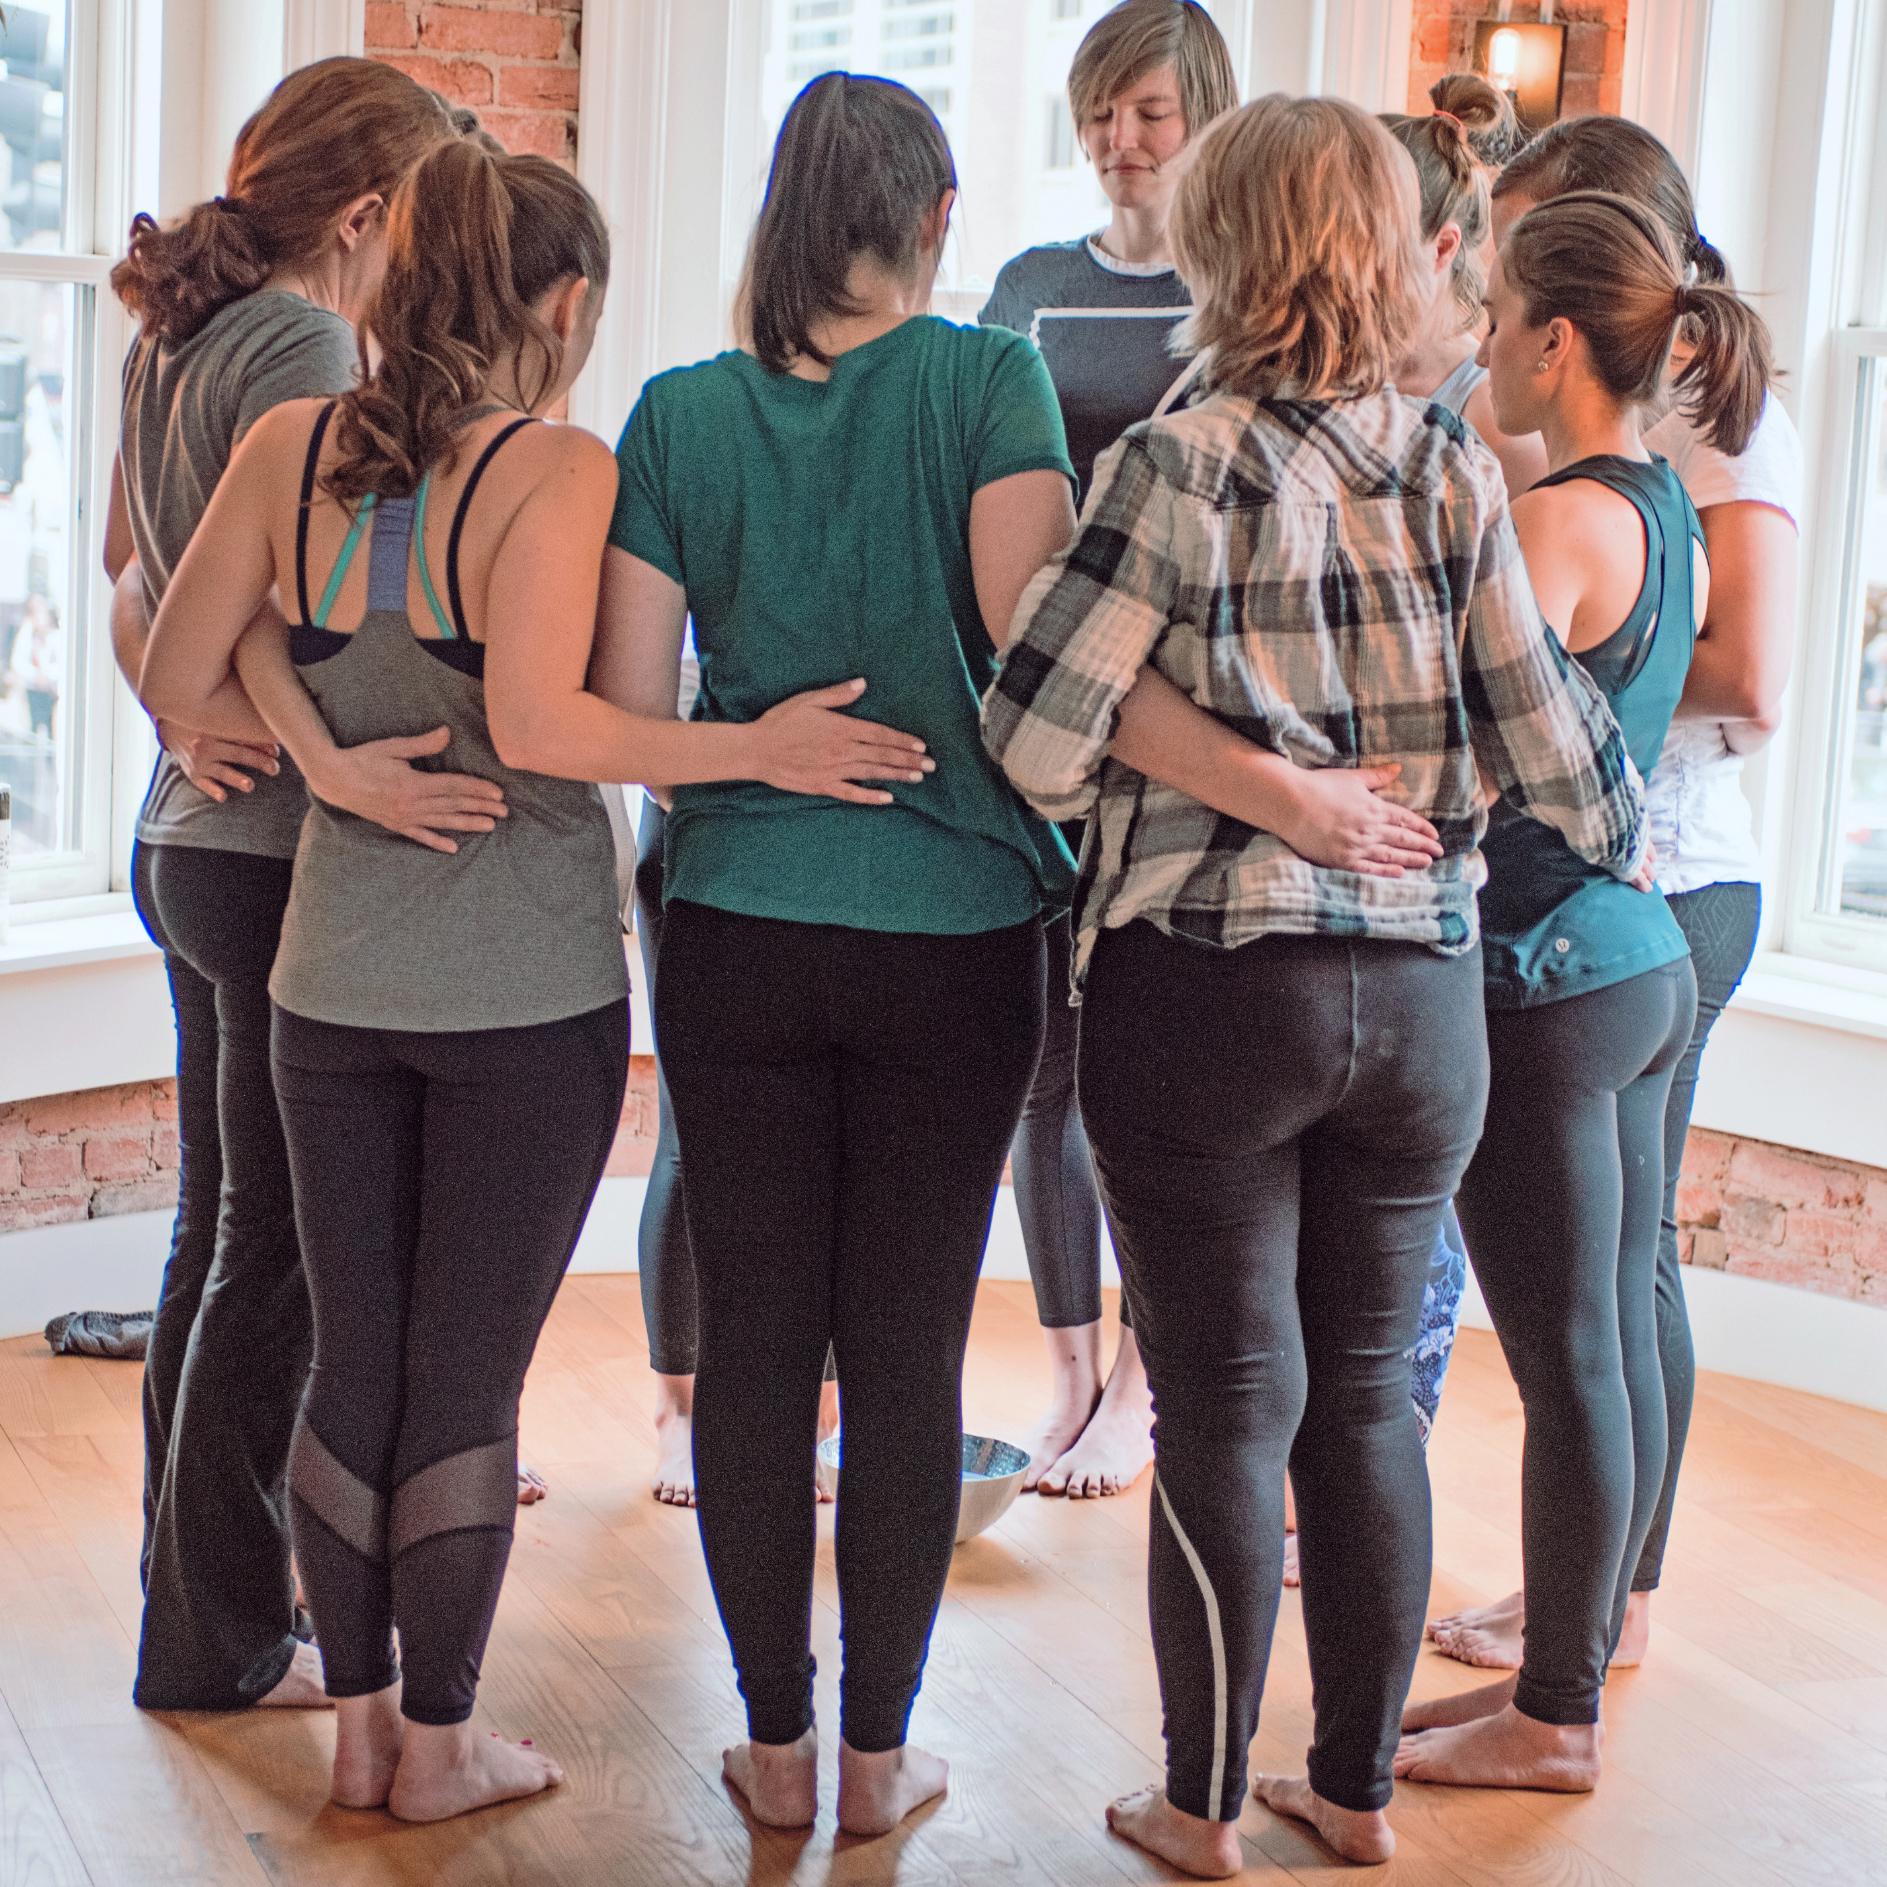 Fran Group Hug Circle-sq.jpg